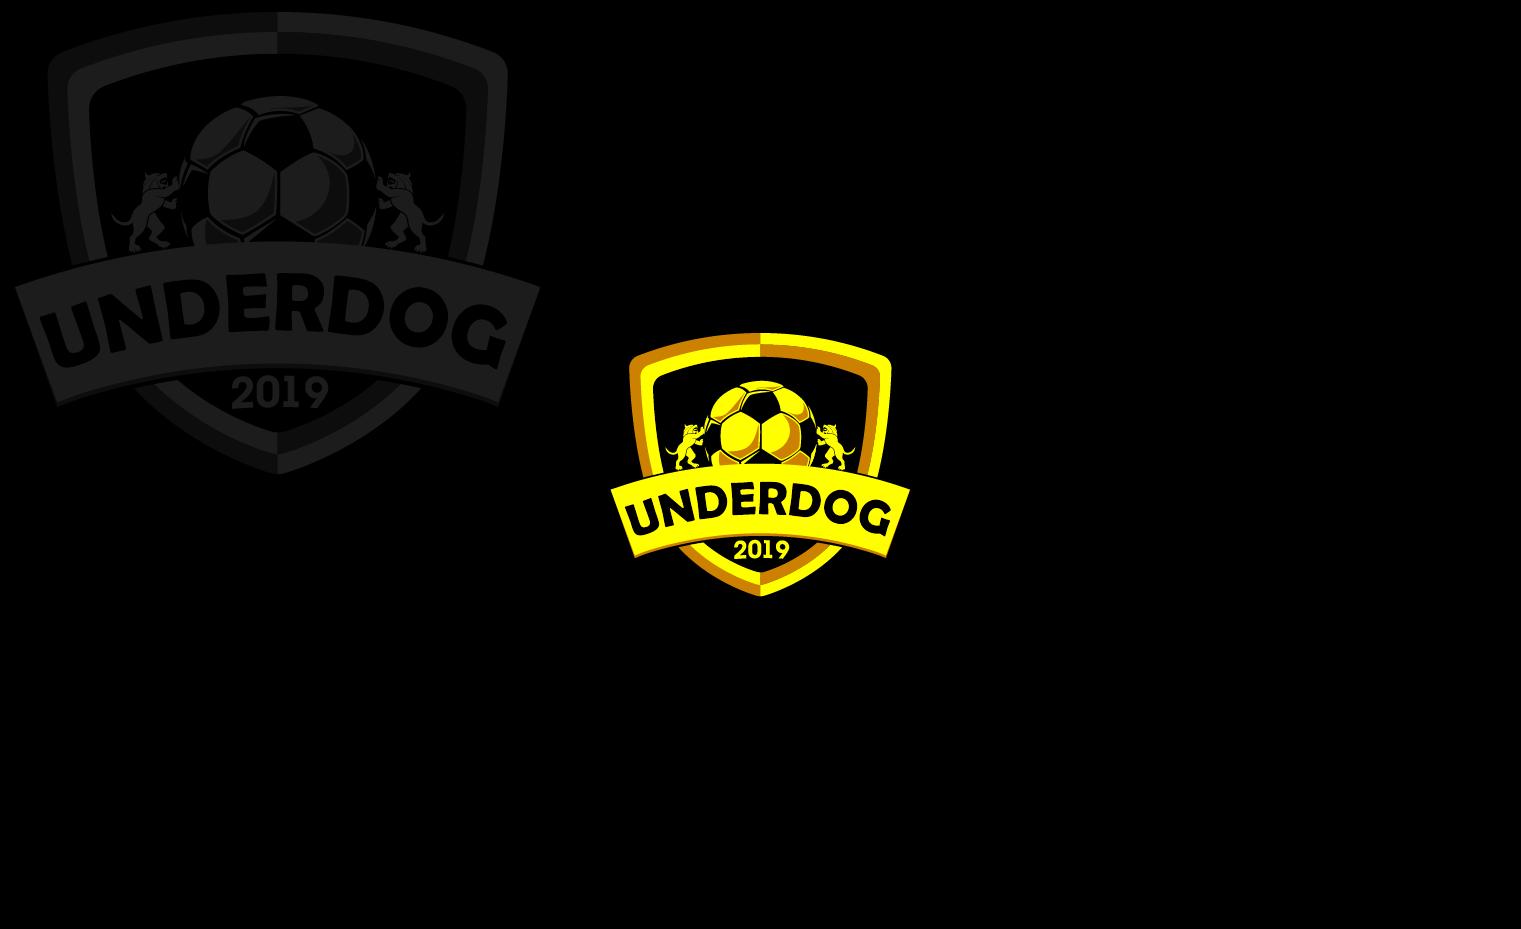 Футбольный клуб UNDERDOG - разработать фирстиль и бренд-бук фото f_5455cb1d6cc0600f.png